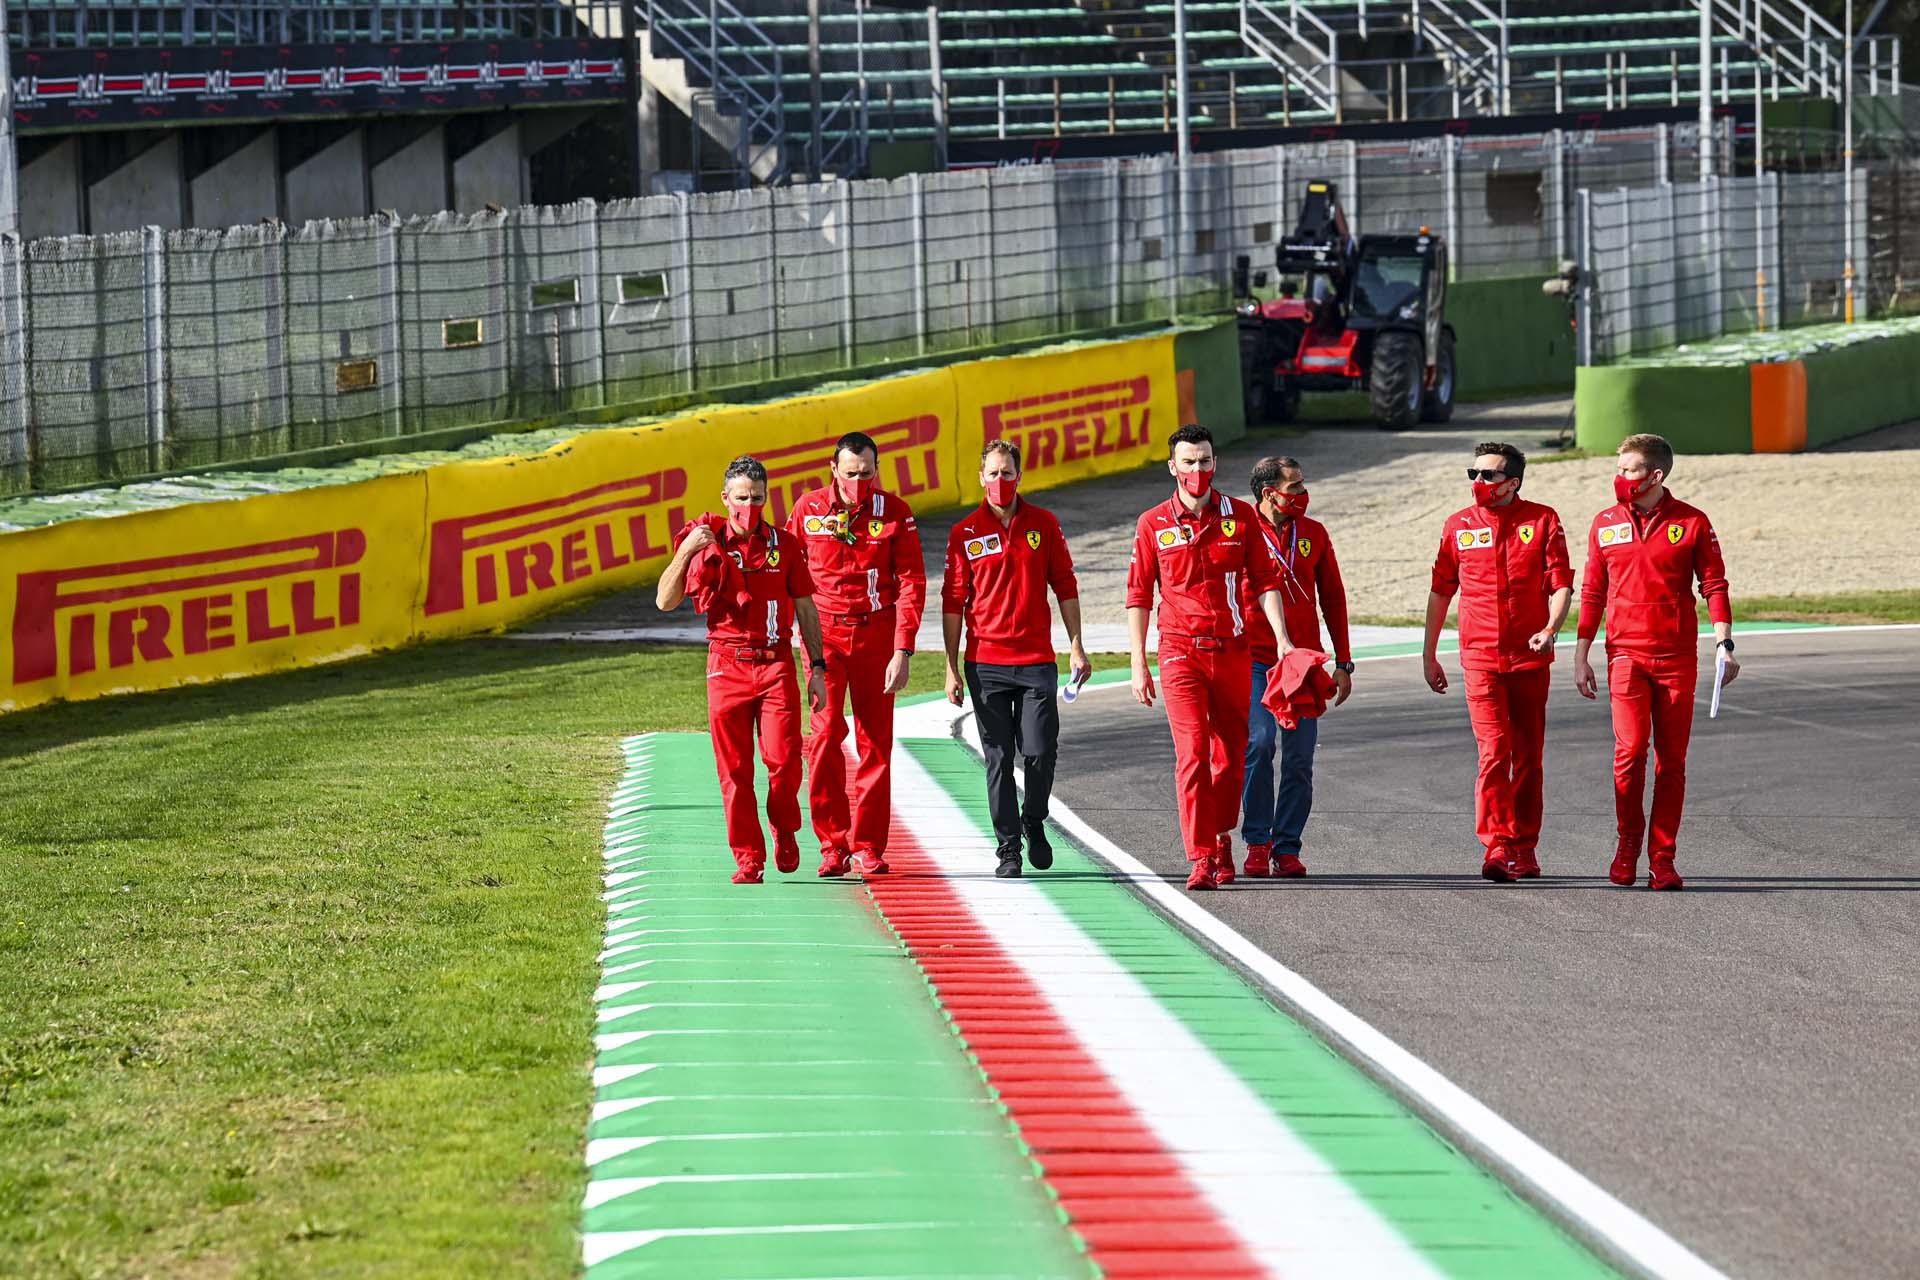 2020 Emilia-Romagna GP